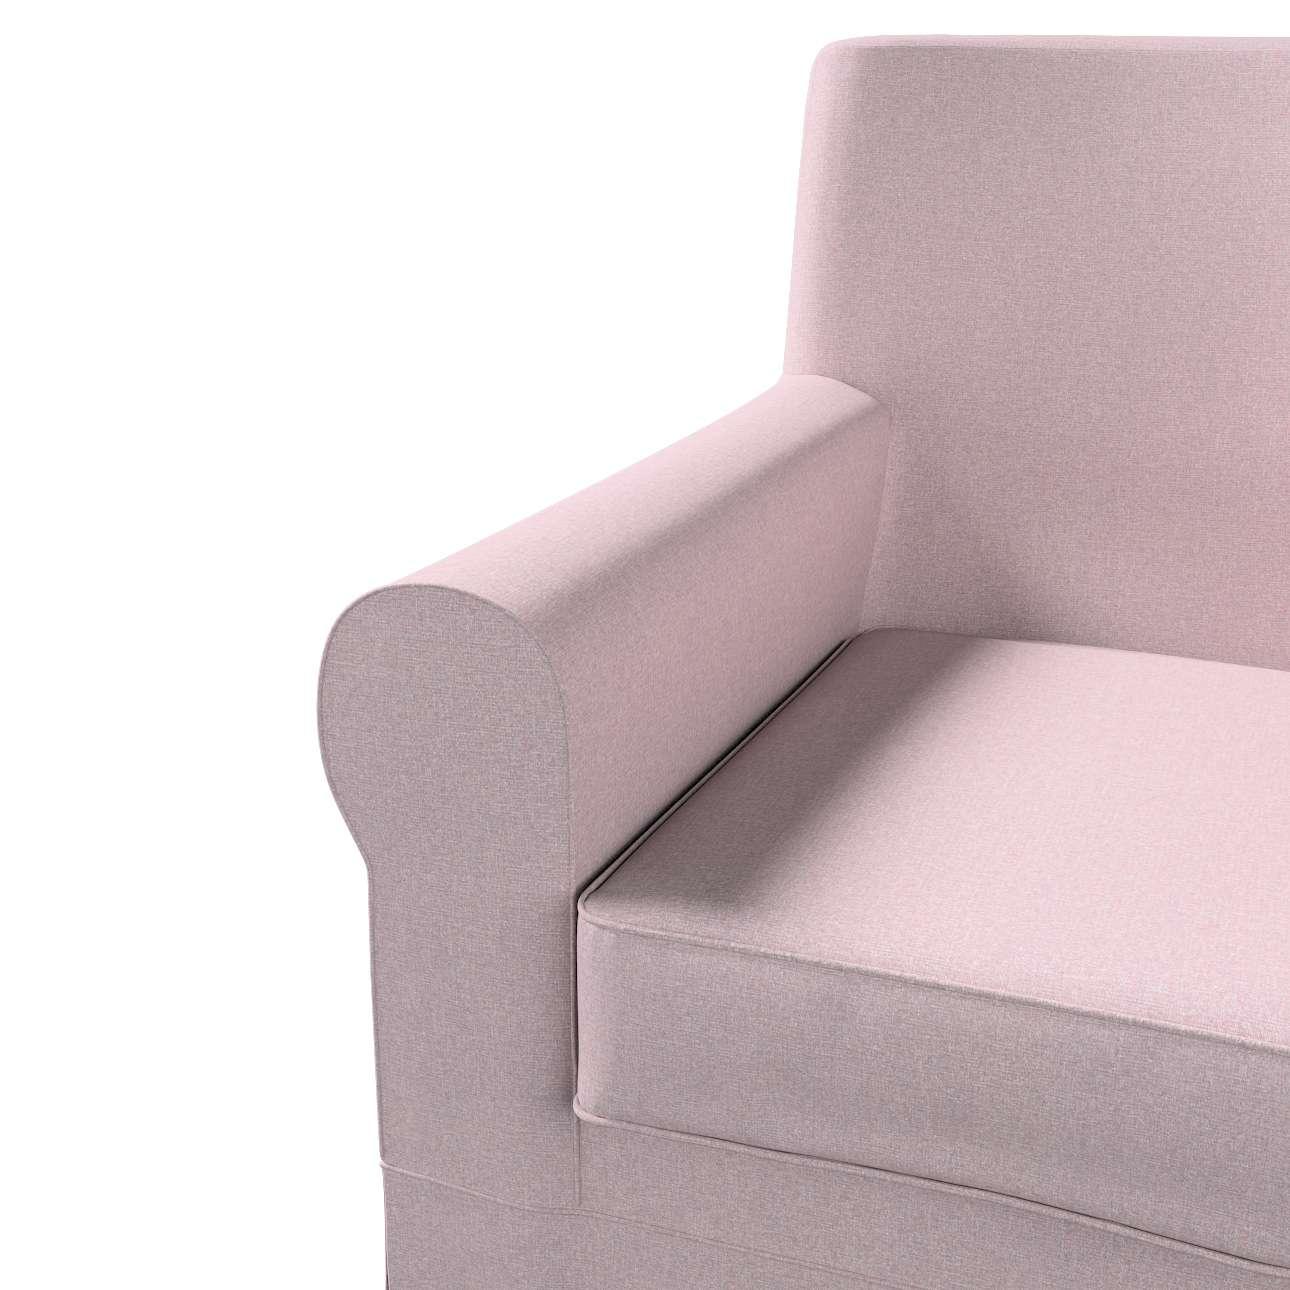 Pokrowiec na fotel Ektorp Jennylund w kolekcji Amsterdam, tkanina: 704-51